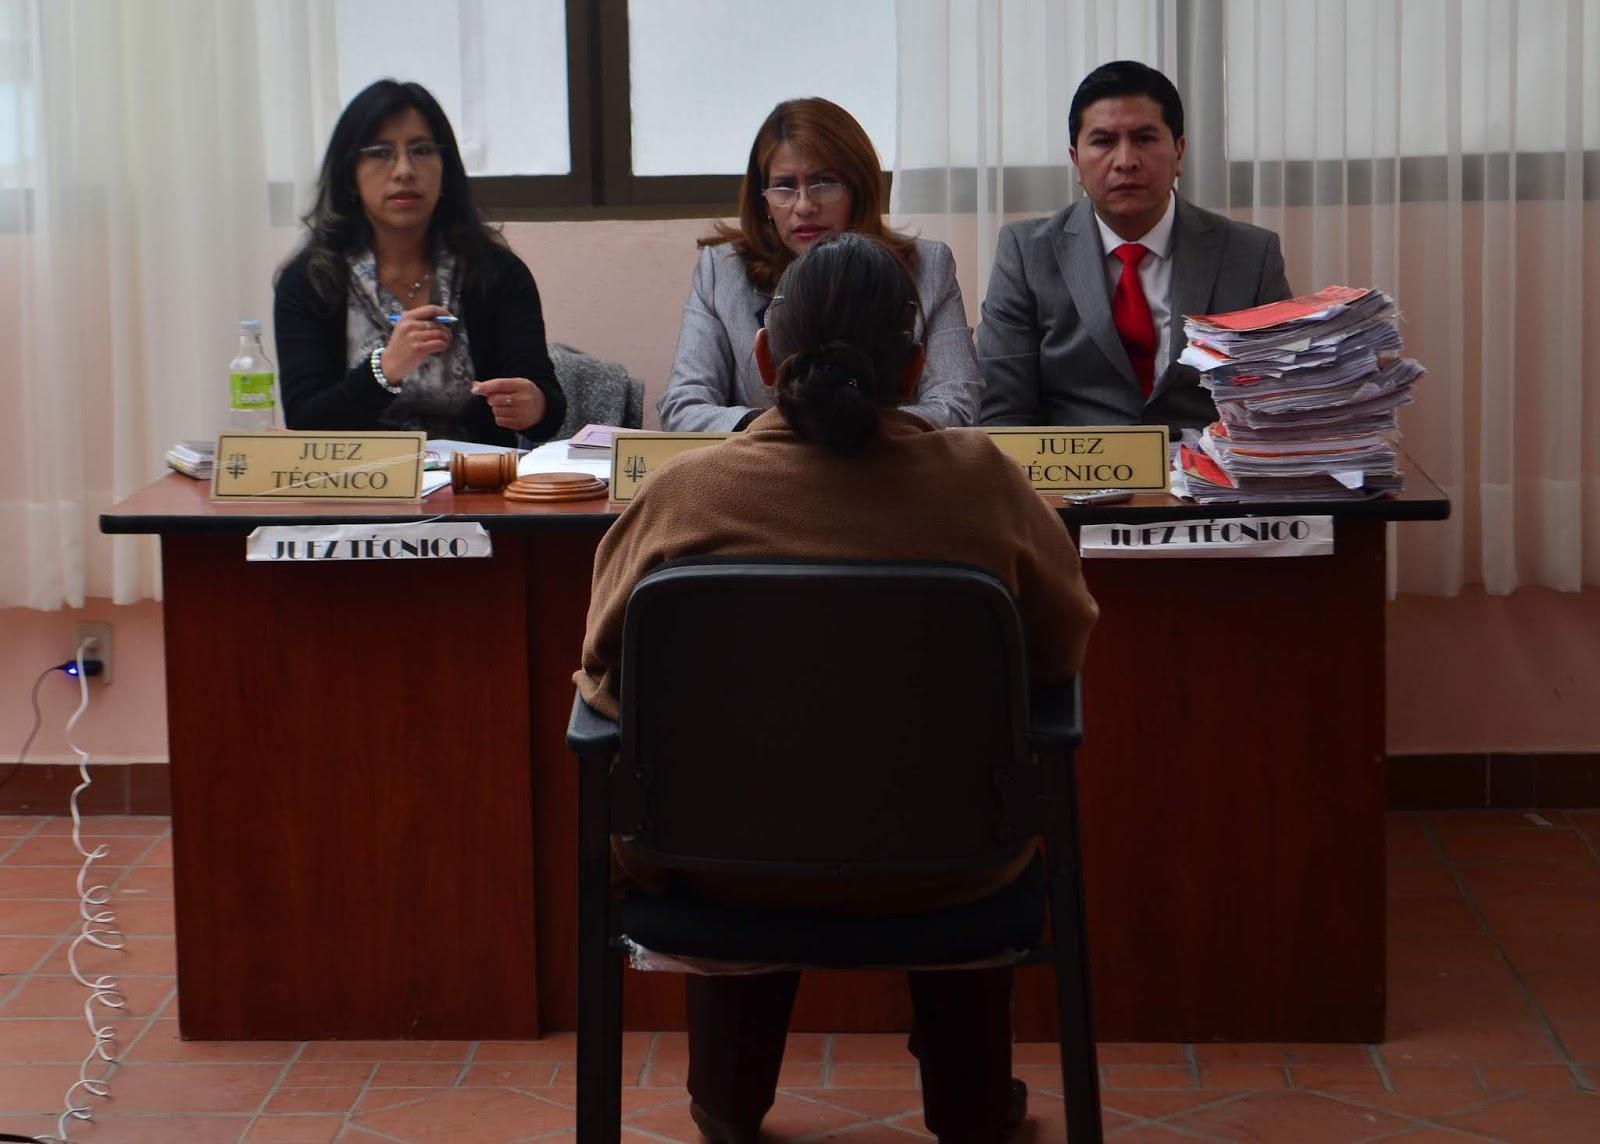 Patricia Pacajes junto a dos jueces dictaron sentencia al médico Jhiery Fernández / CARLOS QUISBERT